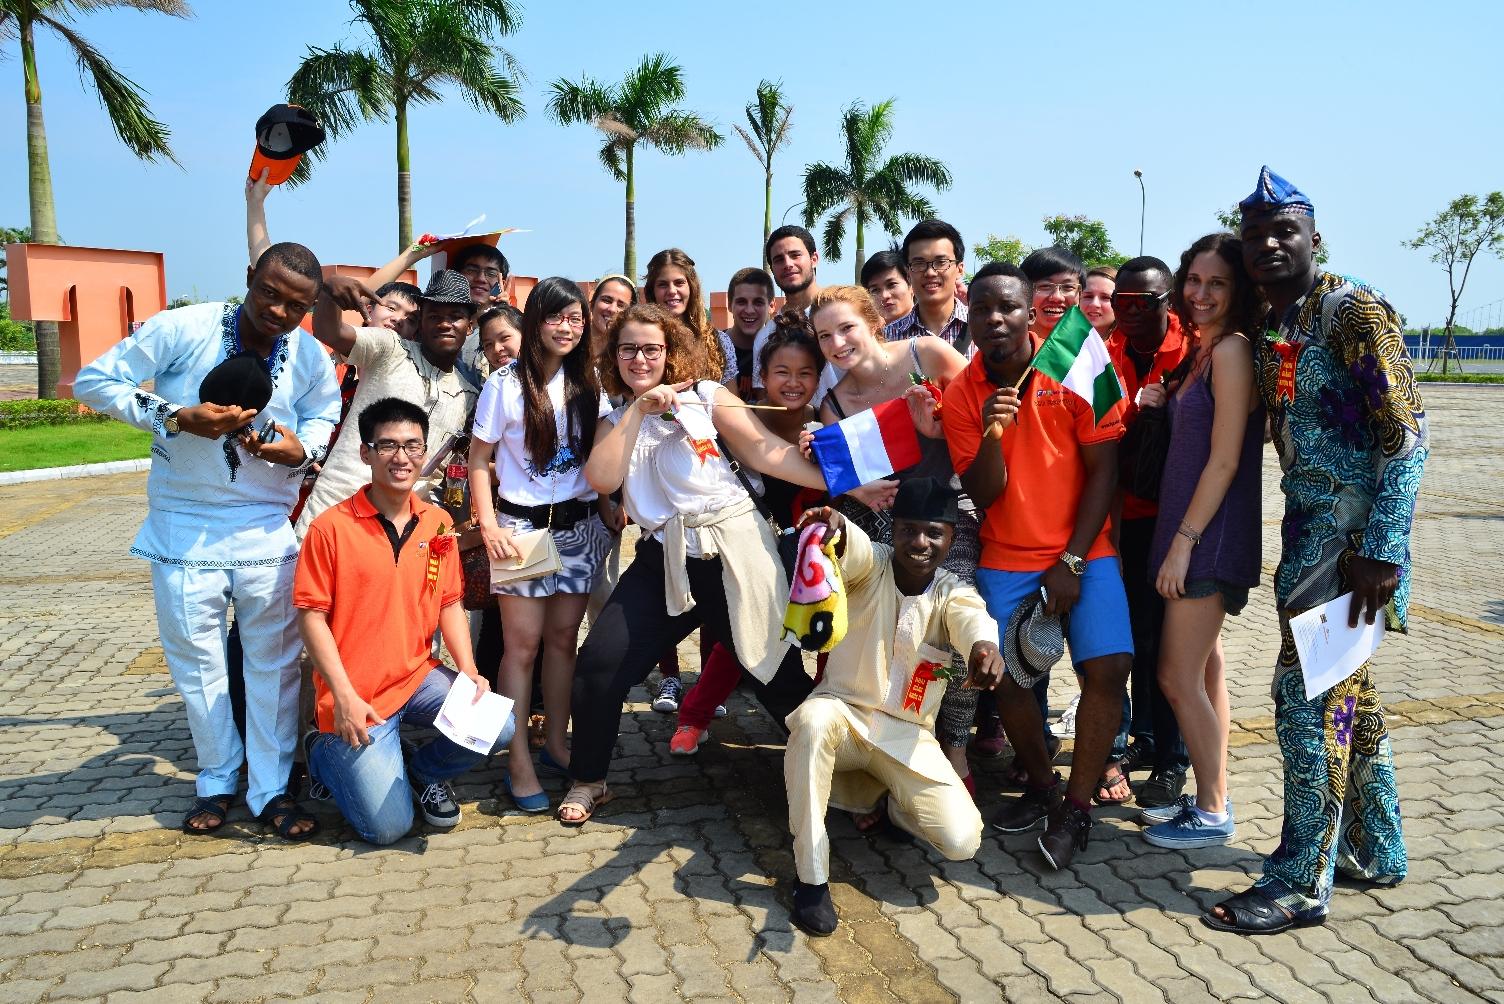 sinh viên nước ngoài   Khối Giáo dục FPT